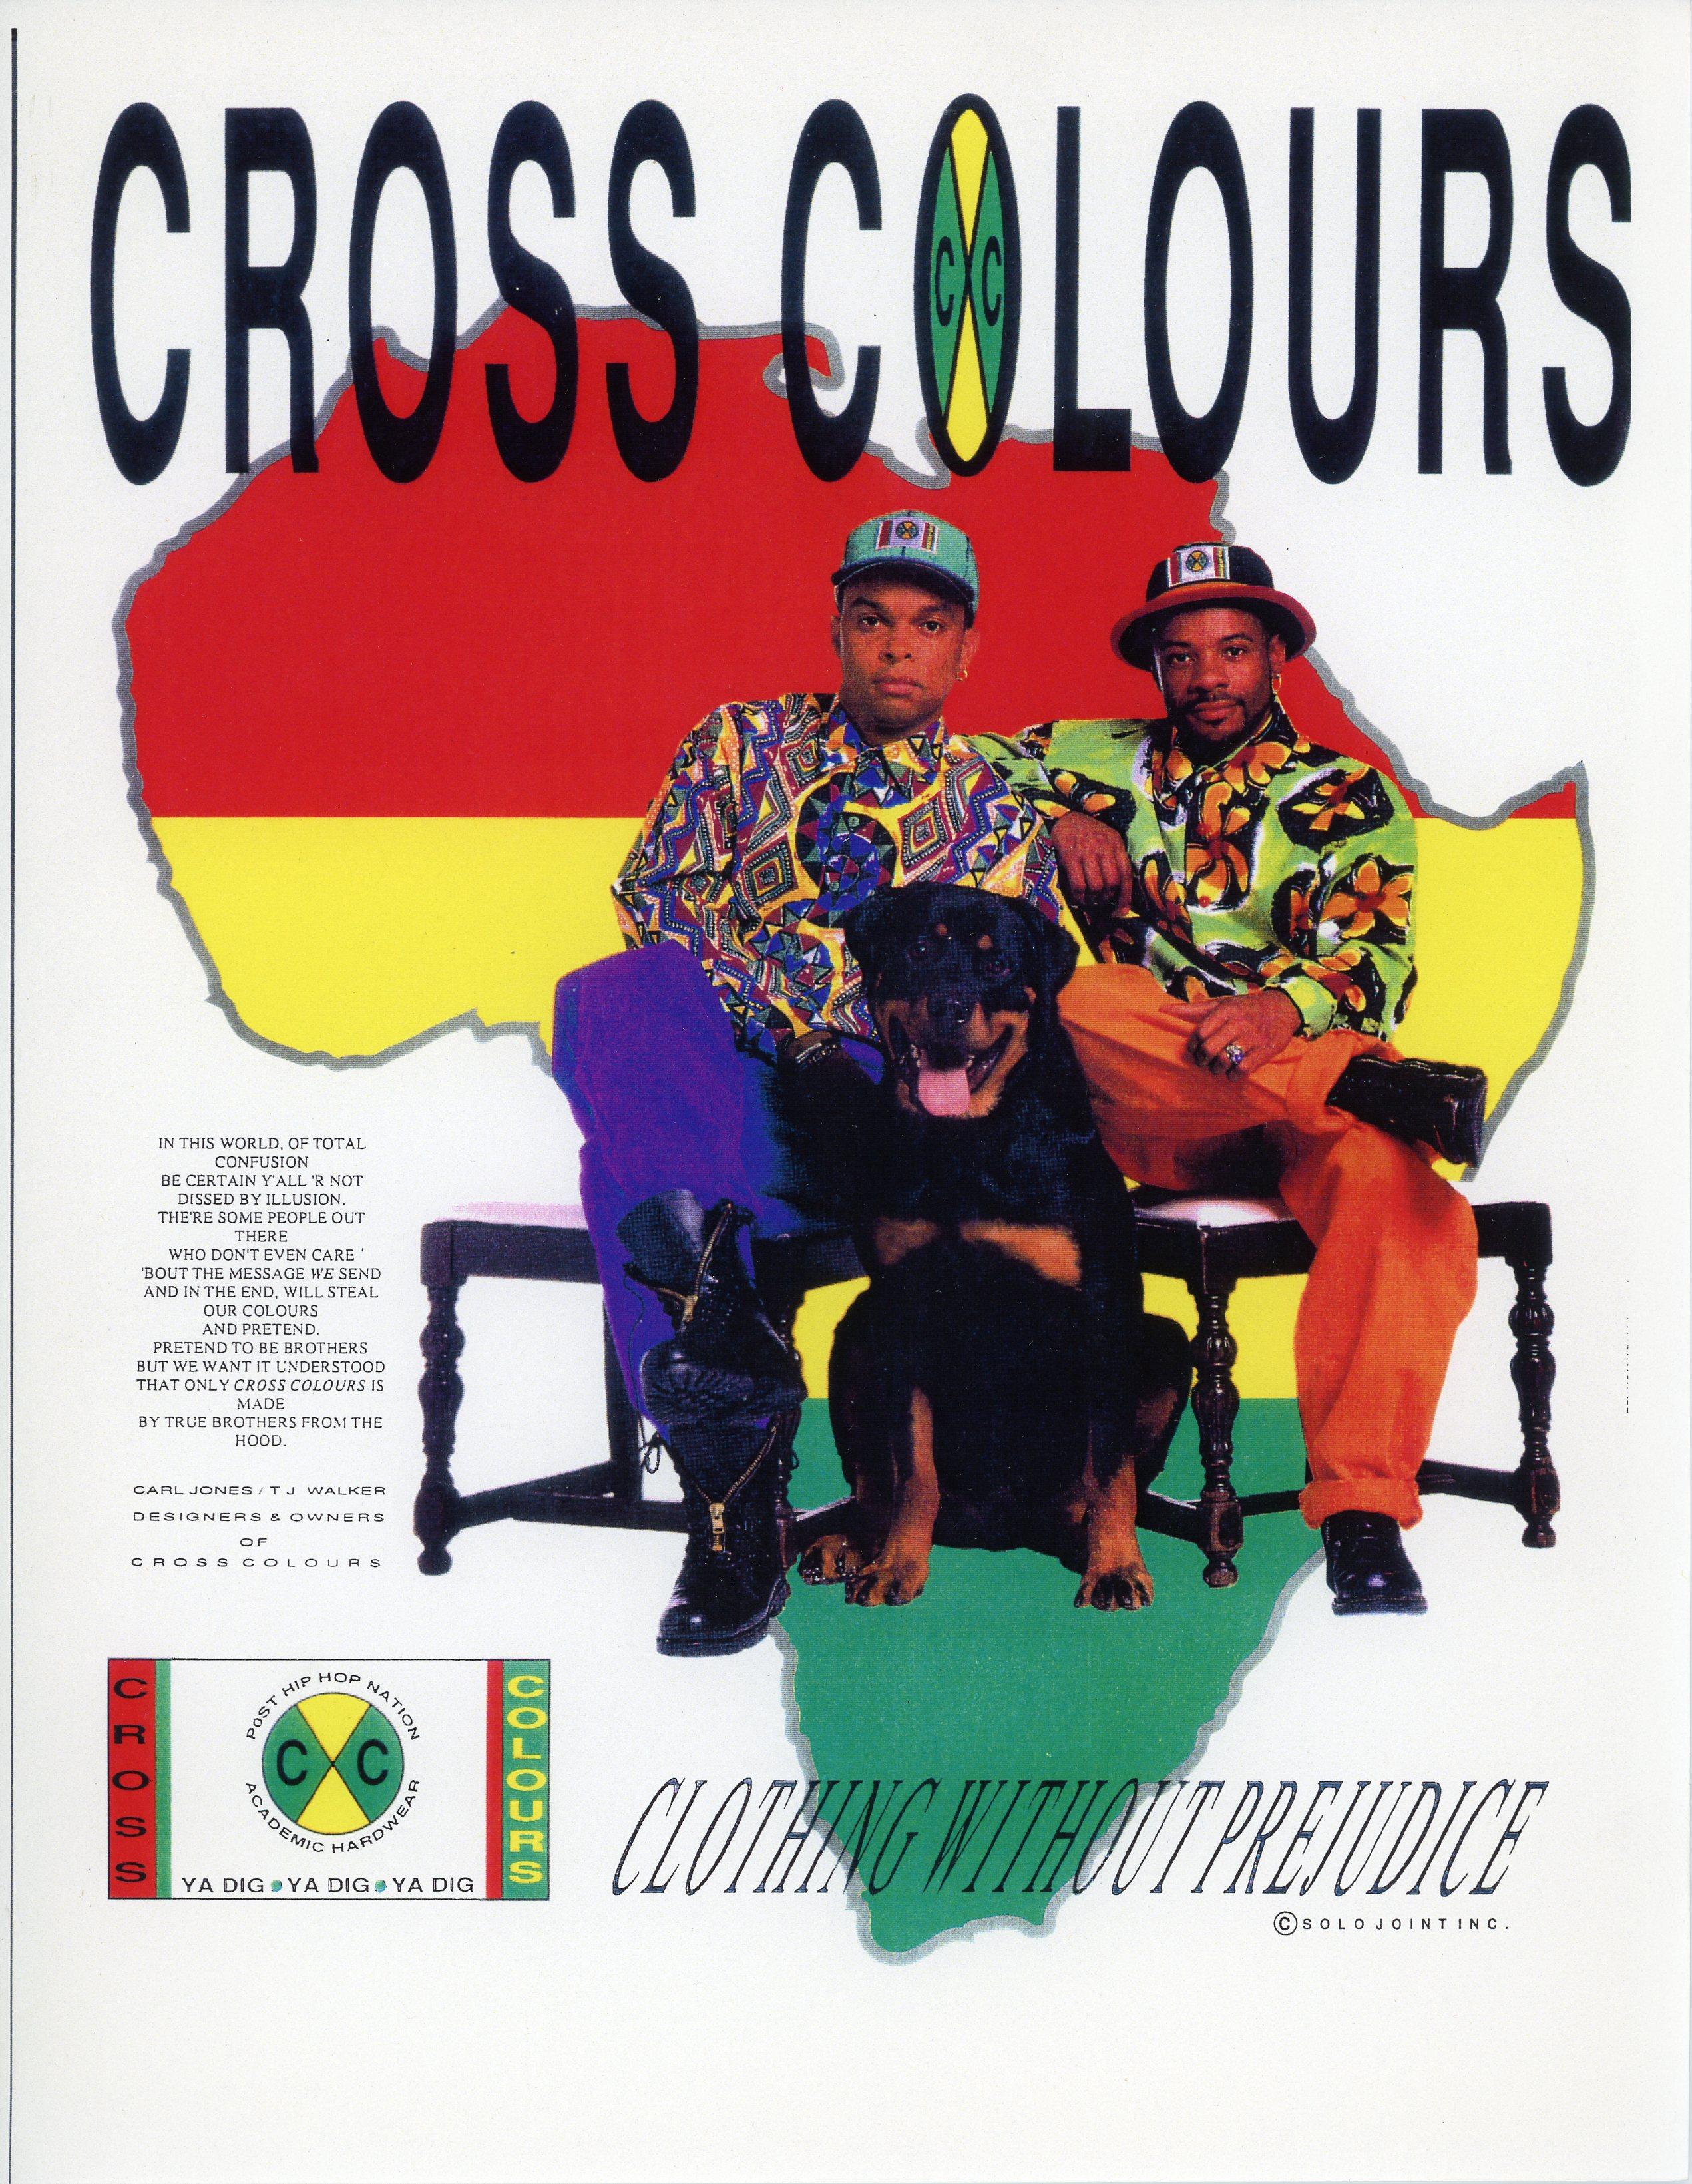 Cross Colours archive